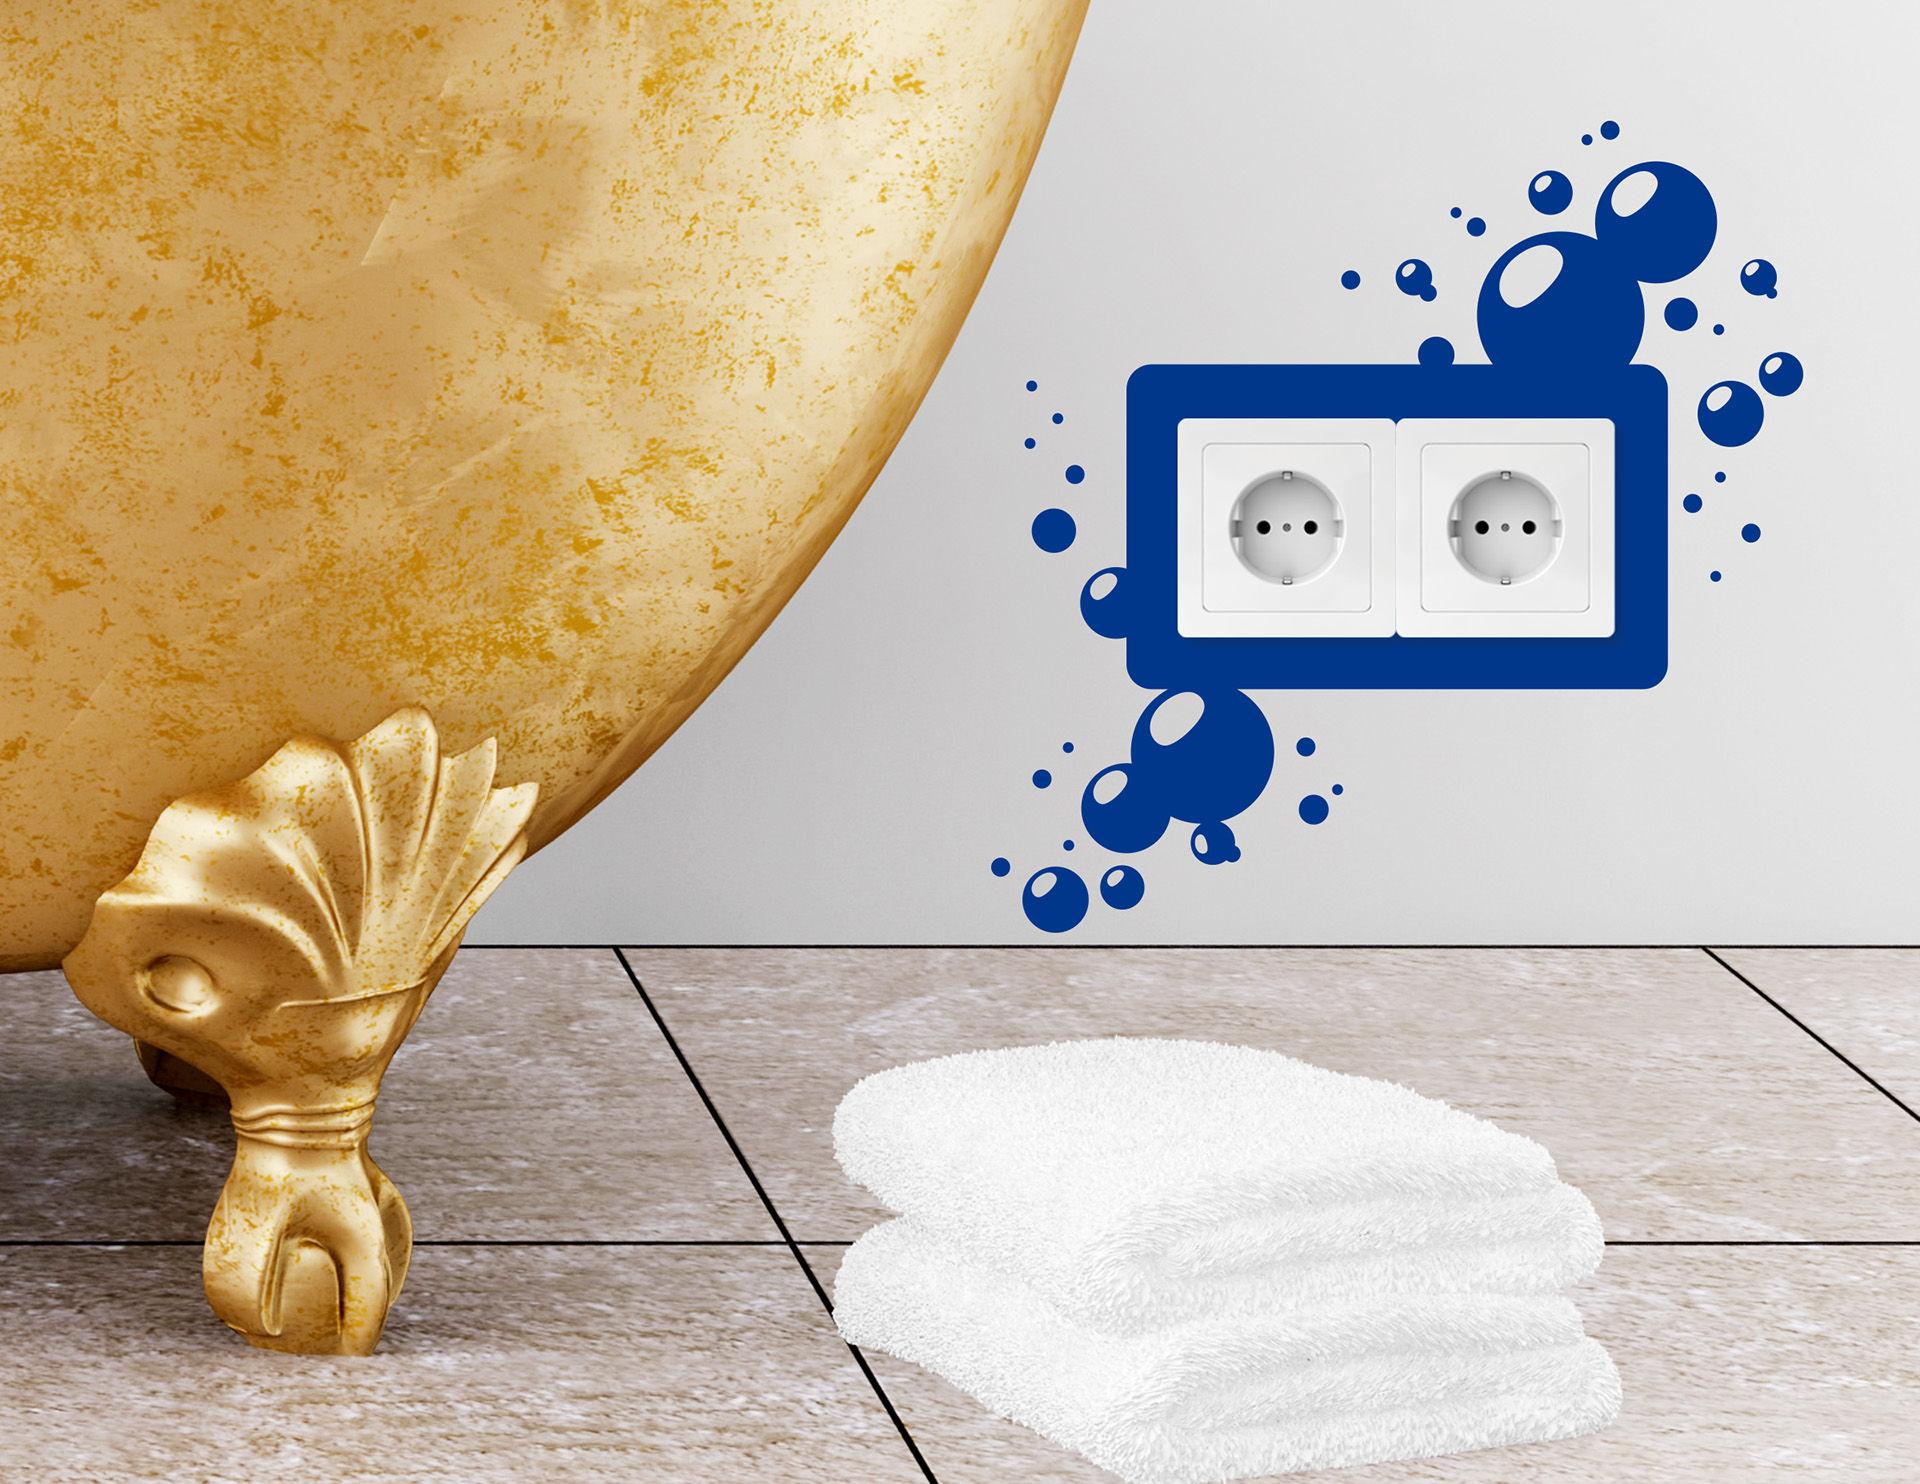 Wandtattoo Bubbles #2 für Lichtschalter und Steckdose